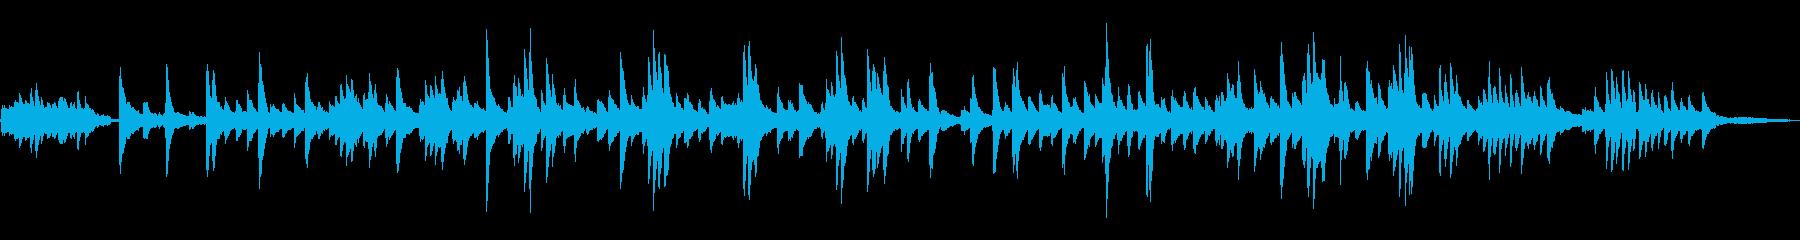 グノーのアベマリアをピアノジャズアレンジの再生済みの波形